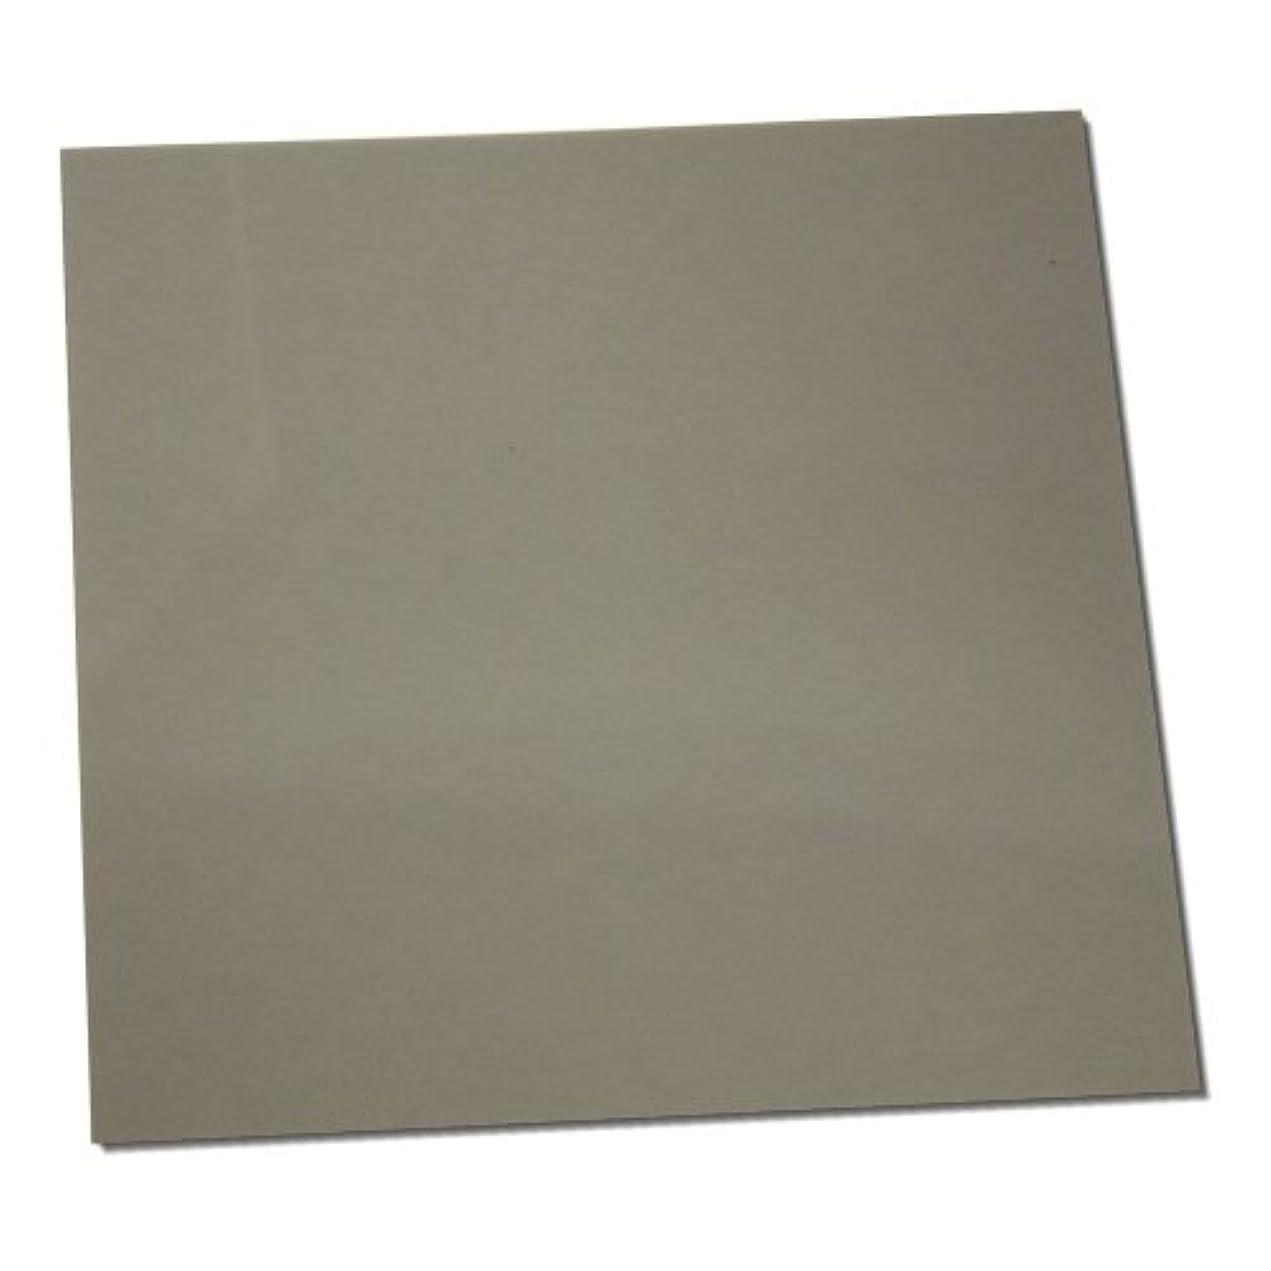 ライバルリスナー損なう偏光板250 厚さ約0.2mm